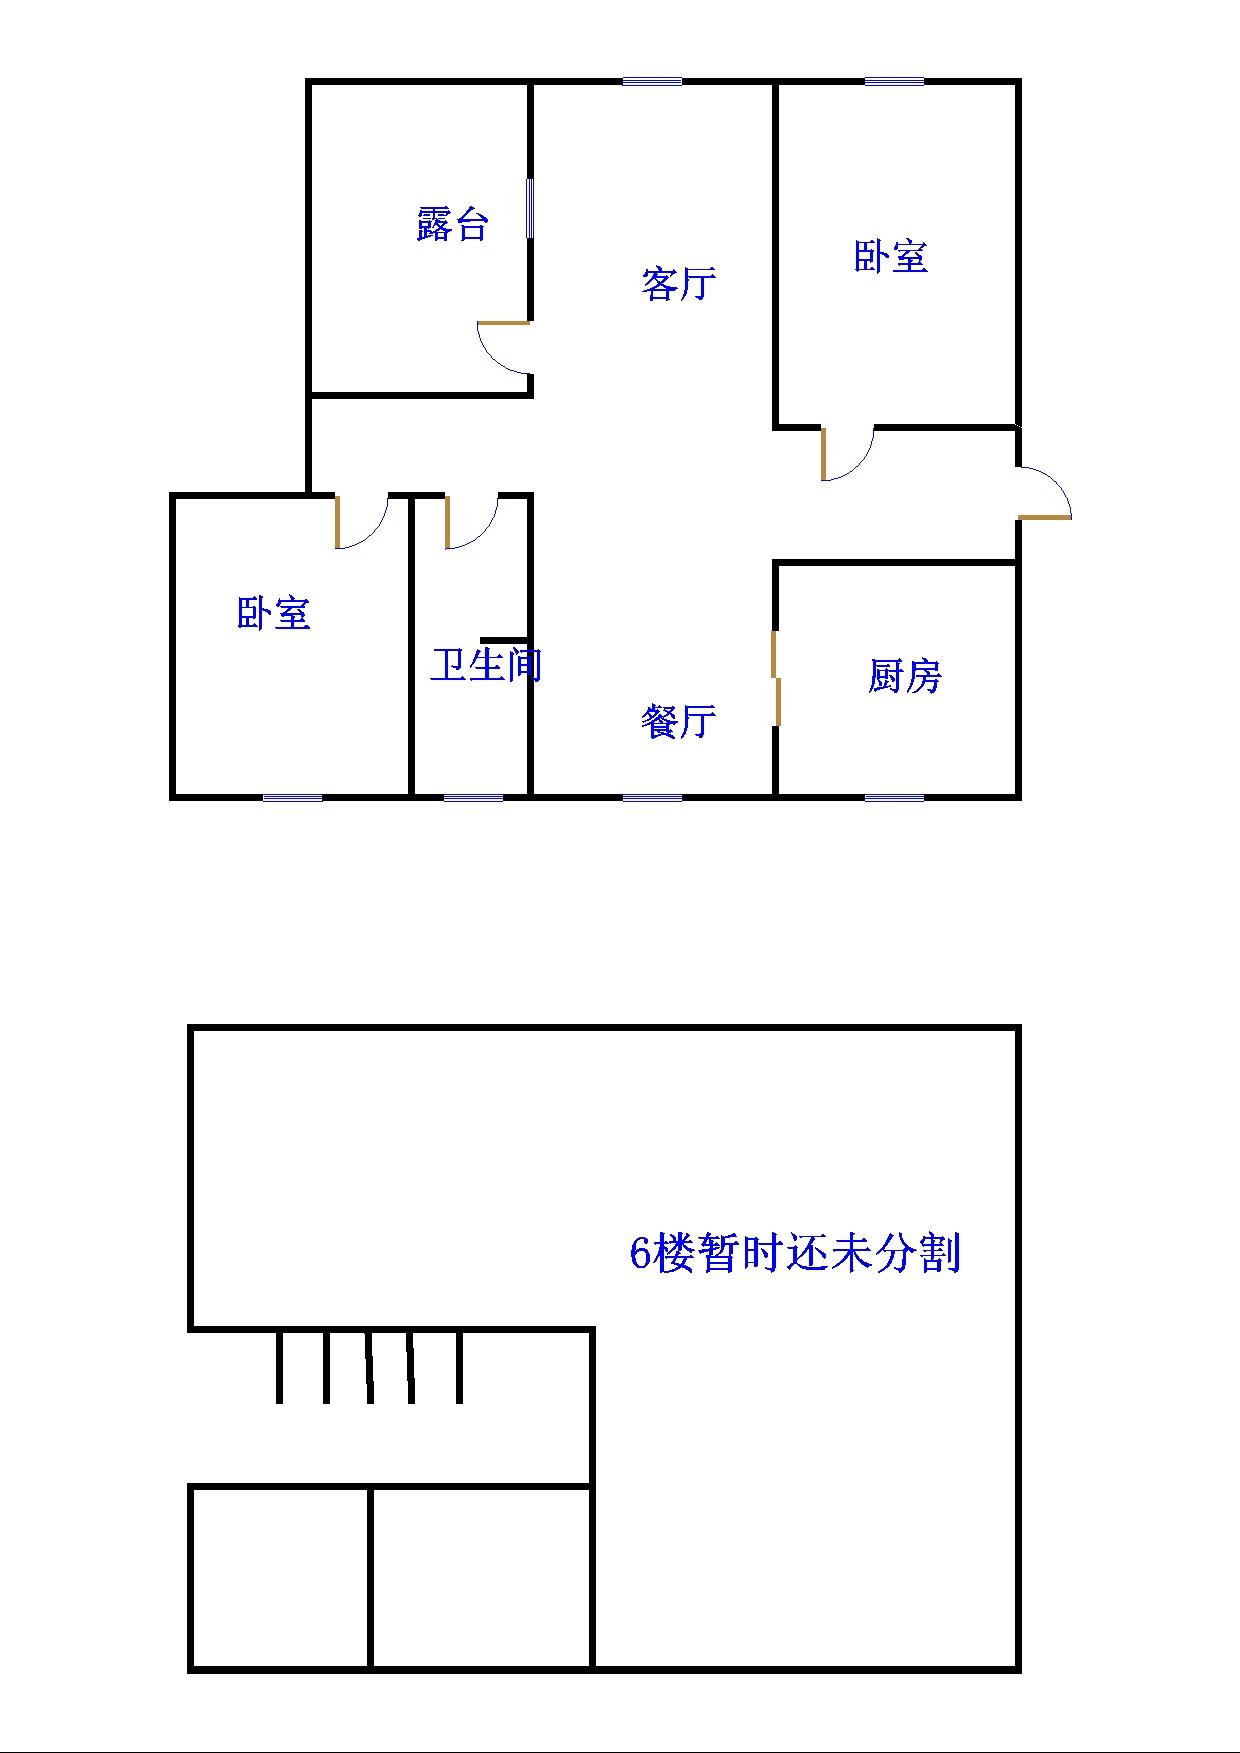 高地世纪城 3室2厅 双证齐全过五年 精装 187万